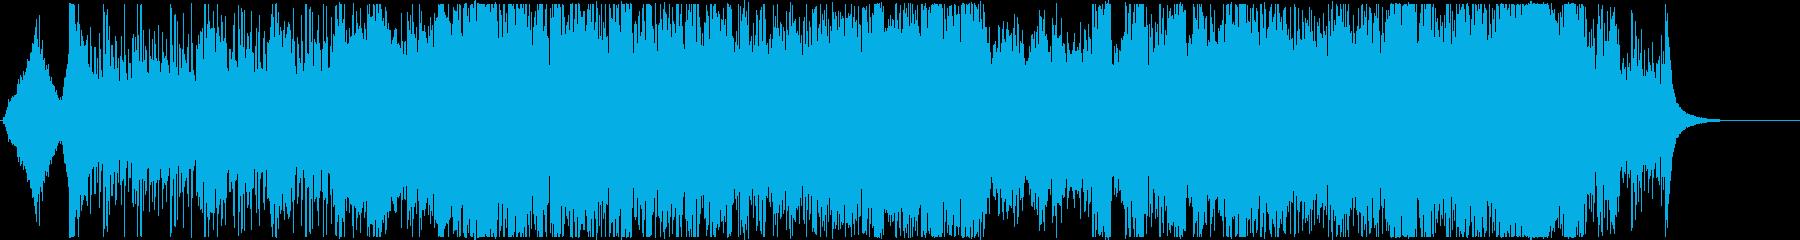 緊迫感のあるオーケストラ&シンセの再生済みの波形